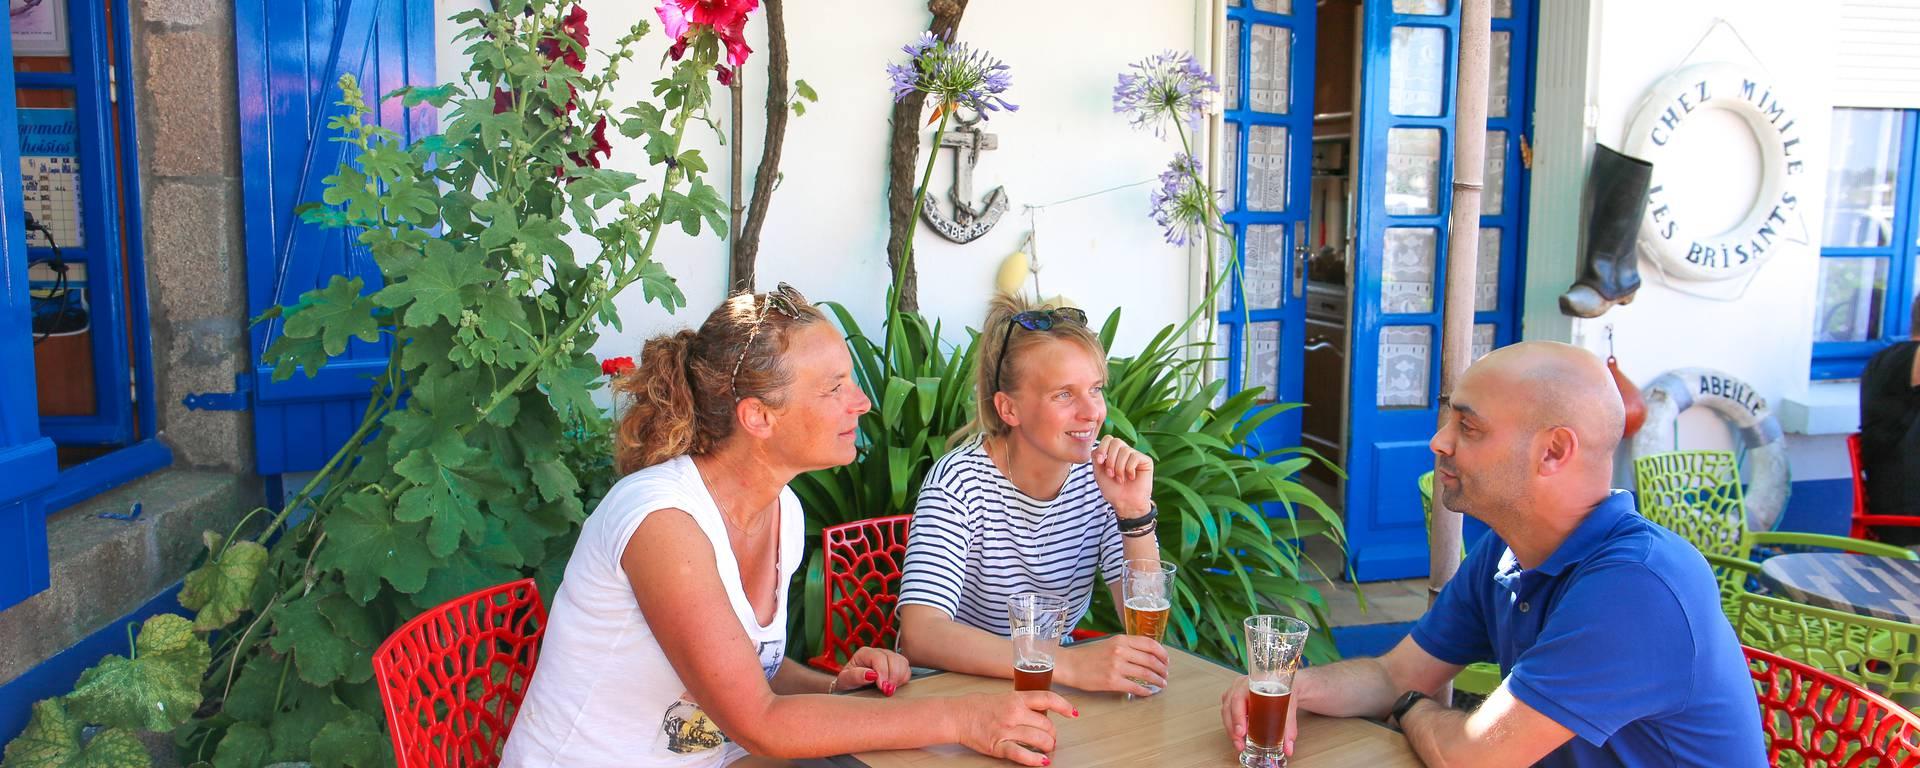 Partager un verre entre amis, à Léchiagat. © E. Cléret